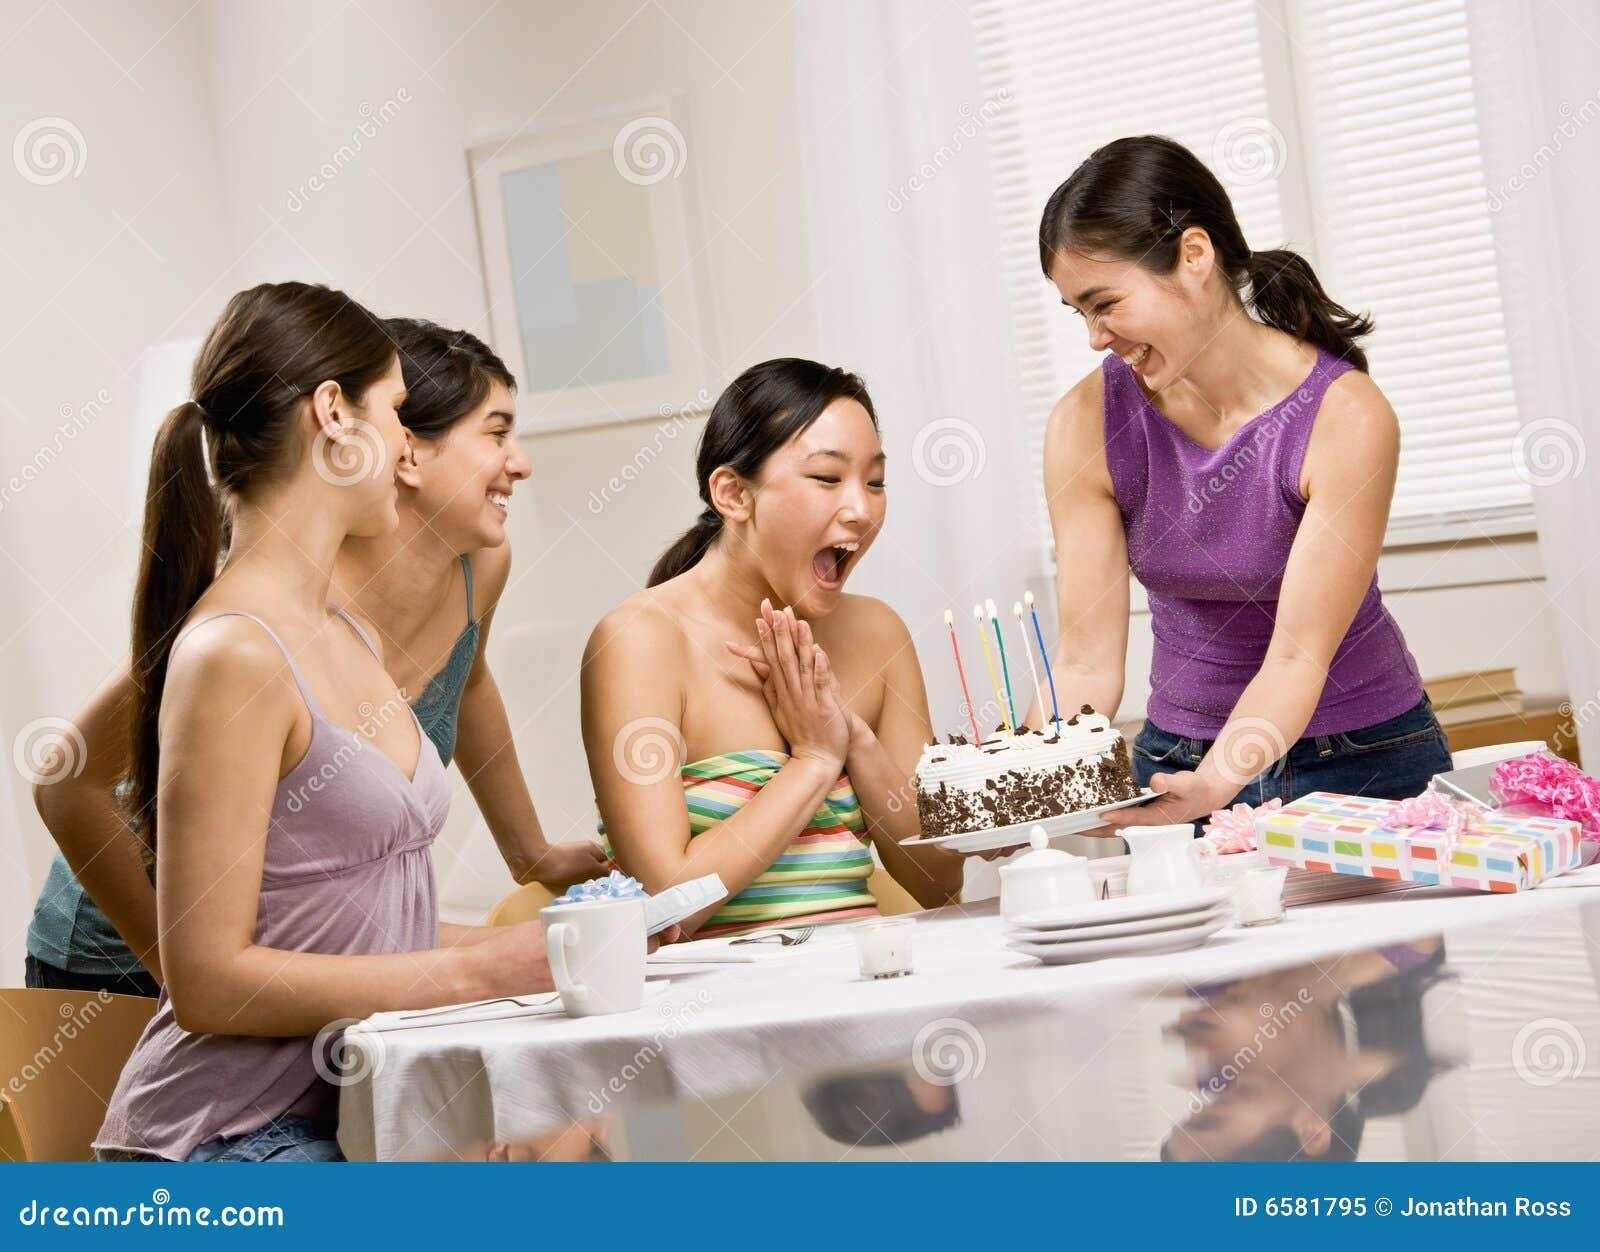 Amigo surprising da mulher com bolo de aniversário